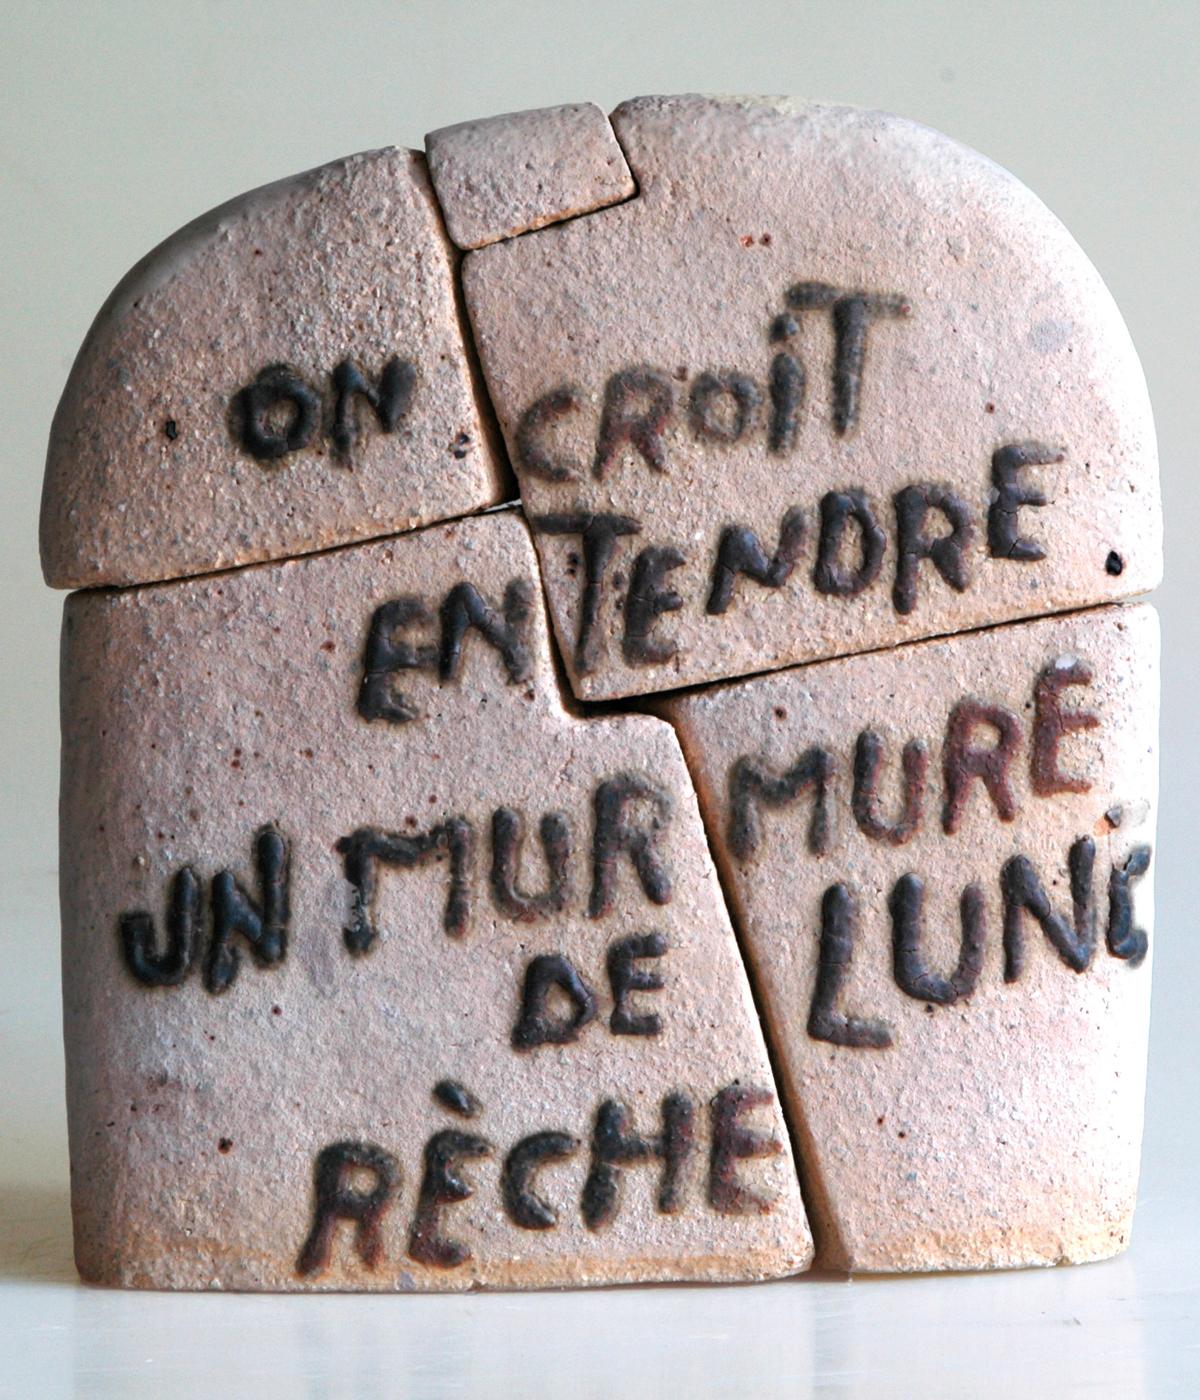 hirlet-ceramique-sculptures-on-croit-entendre